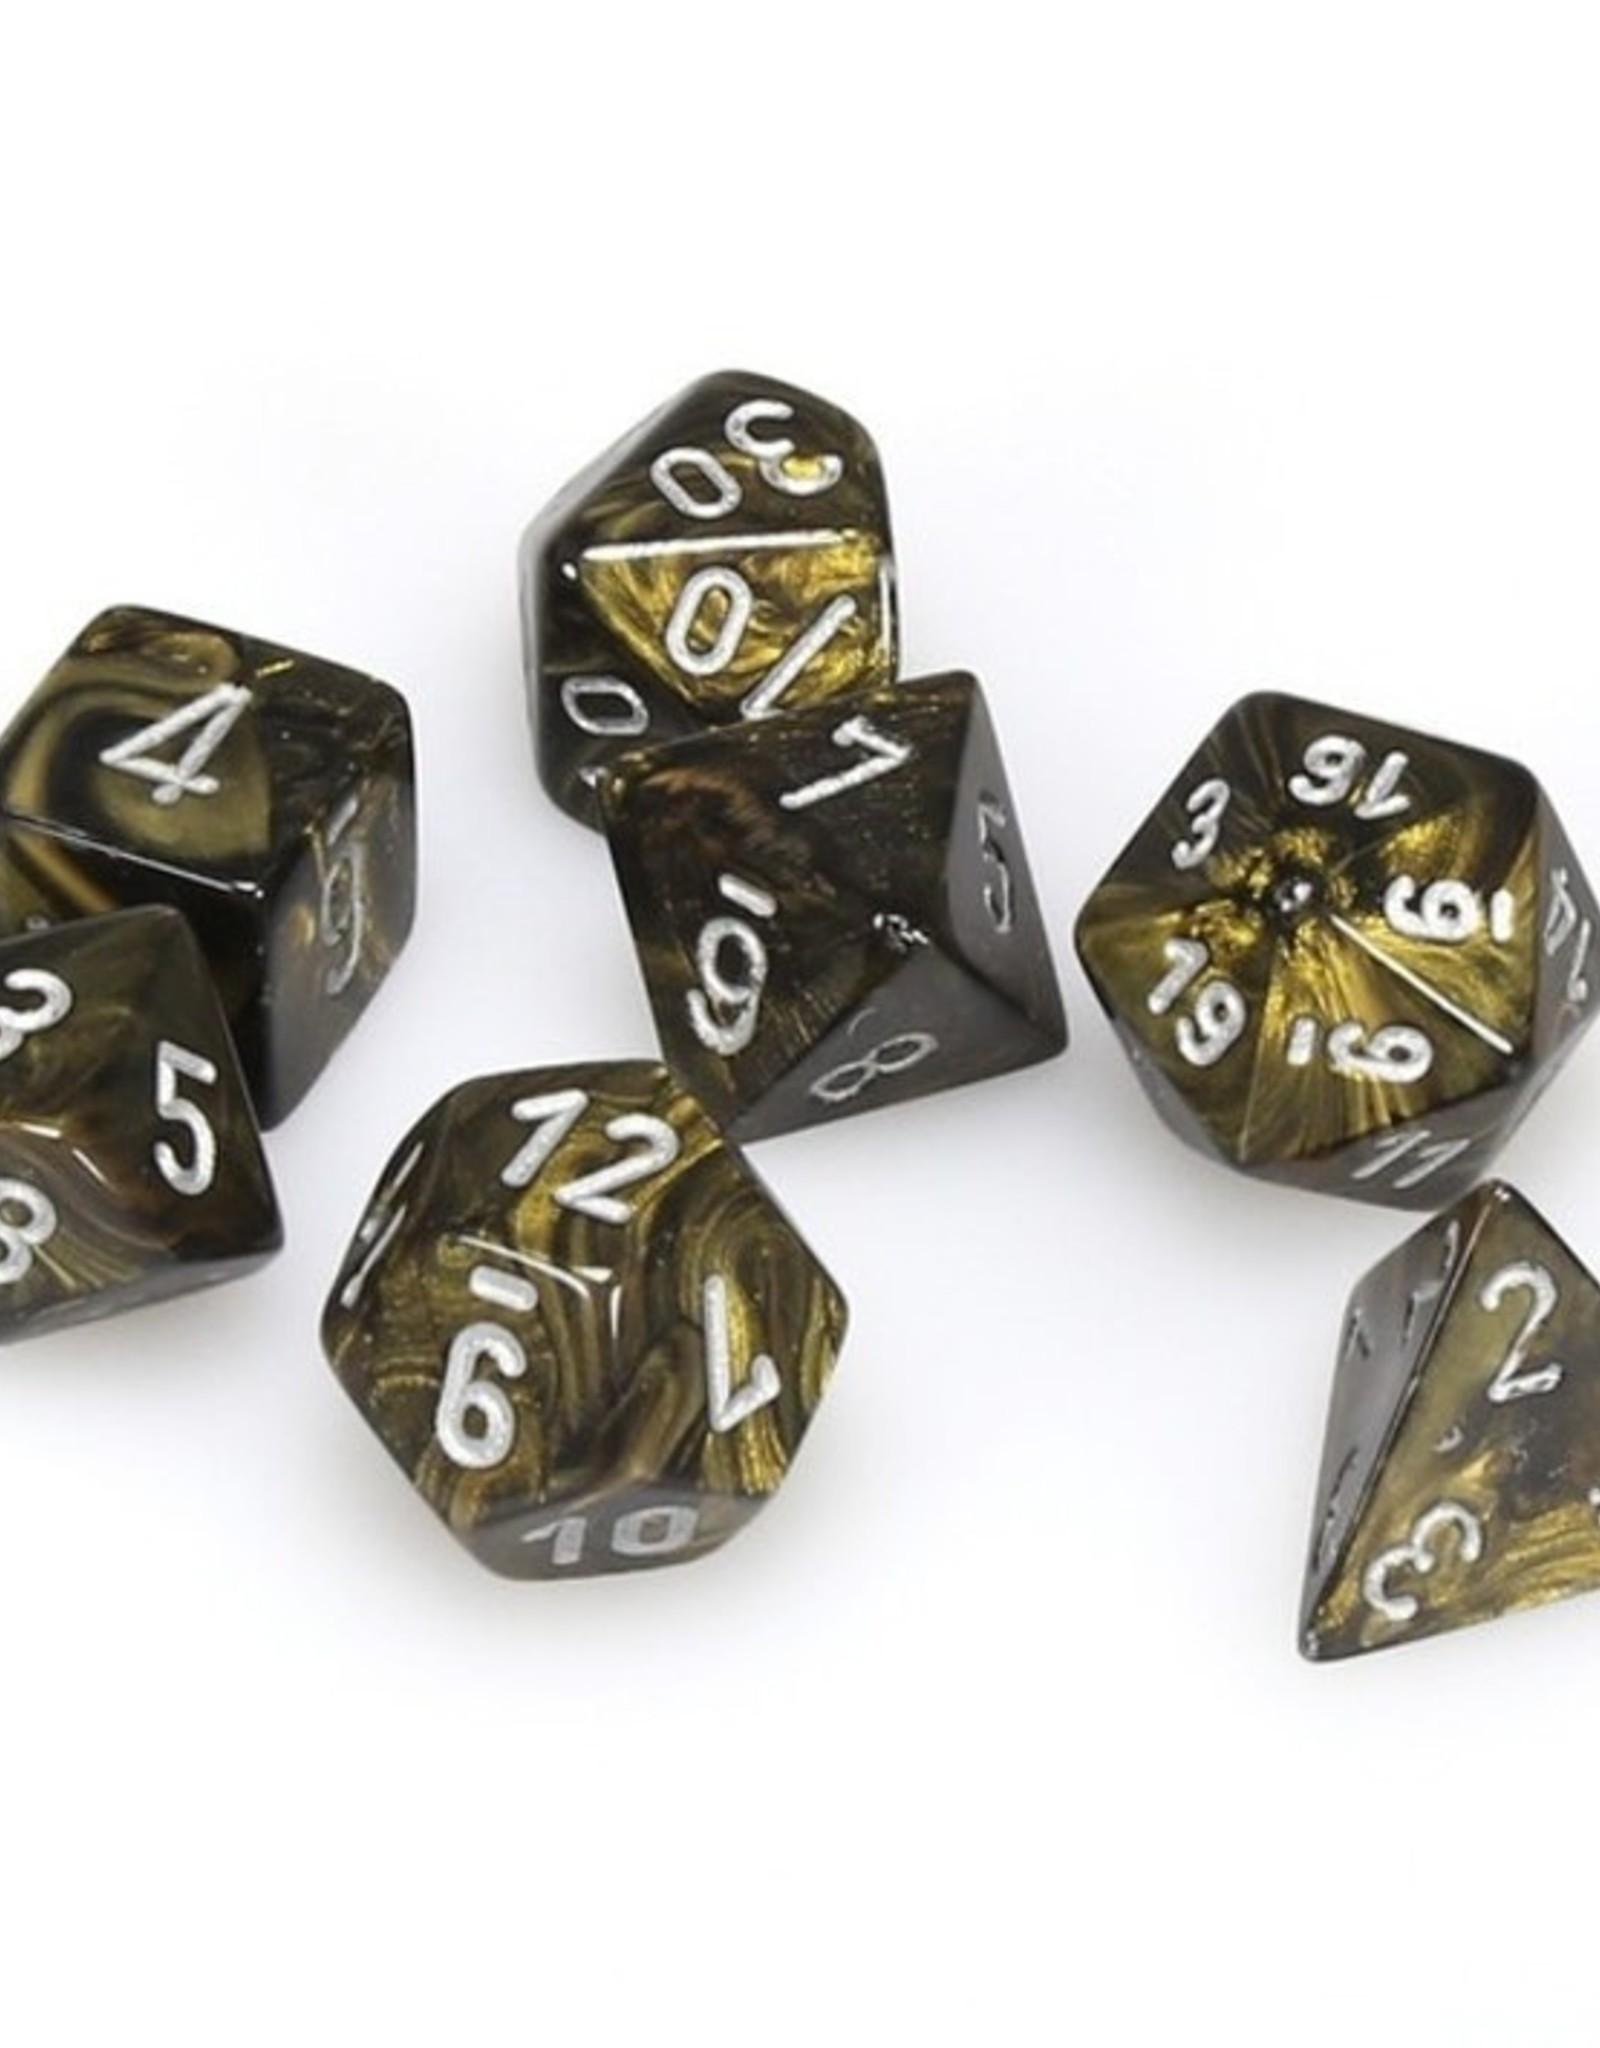 Chessex Chessex 7-Die set Leaf - Black Gold/Silver